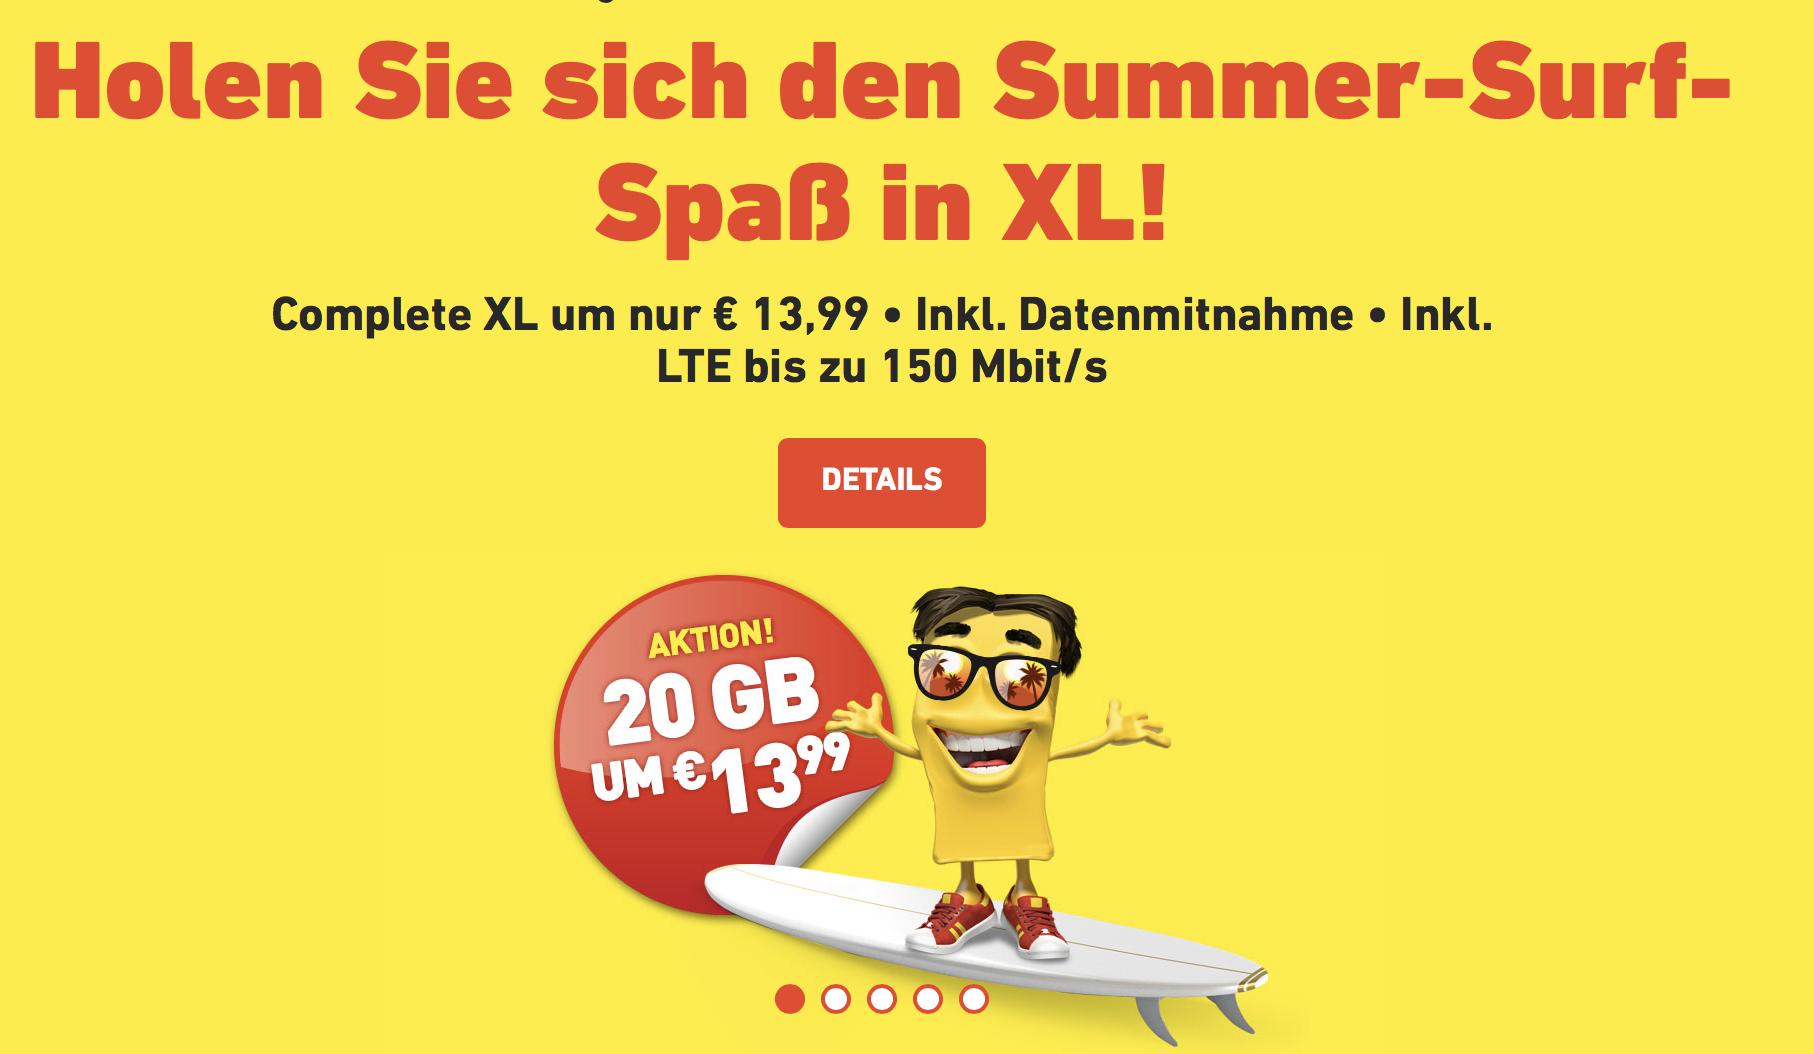 Yesss! Complete XL - 20 Gb - 1500 Min/SMS - EU Roaming - Datenmitnahme bis 60 Gb für heiße € 13,99